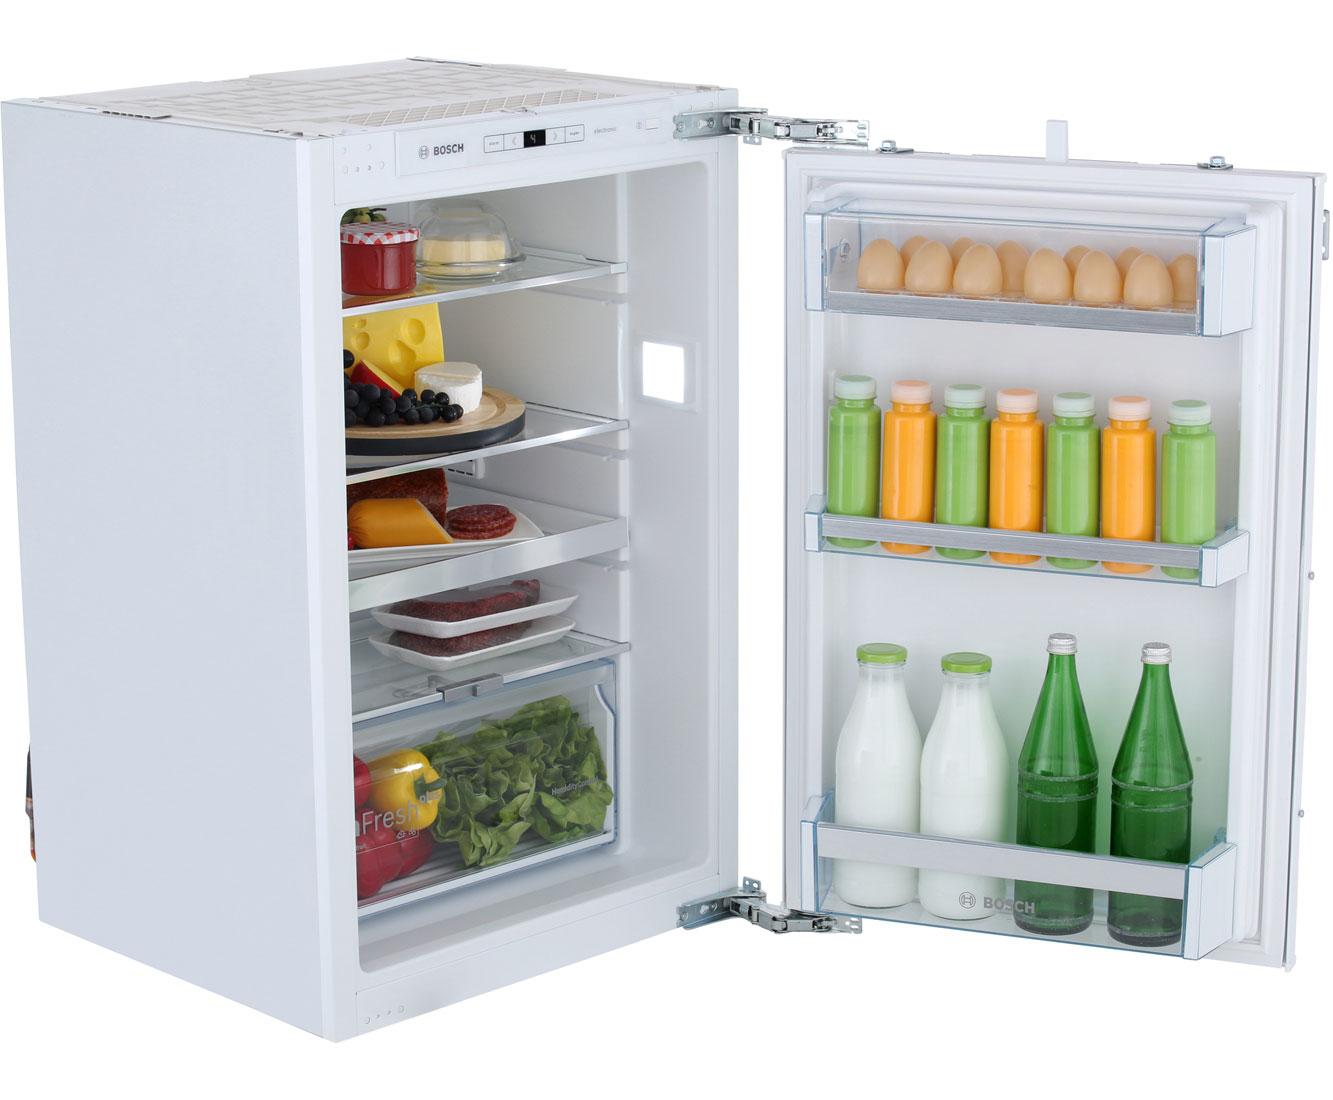 Bosch Kühlschrank Temperaturanzeige : Bosch serie kir ad einbau kühlschrank er nische festtür